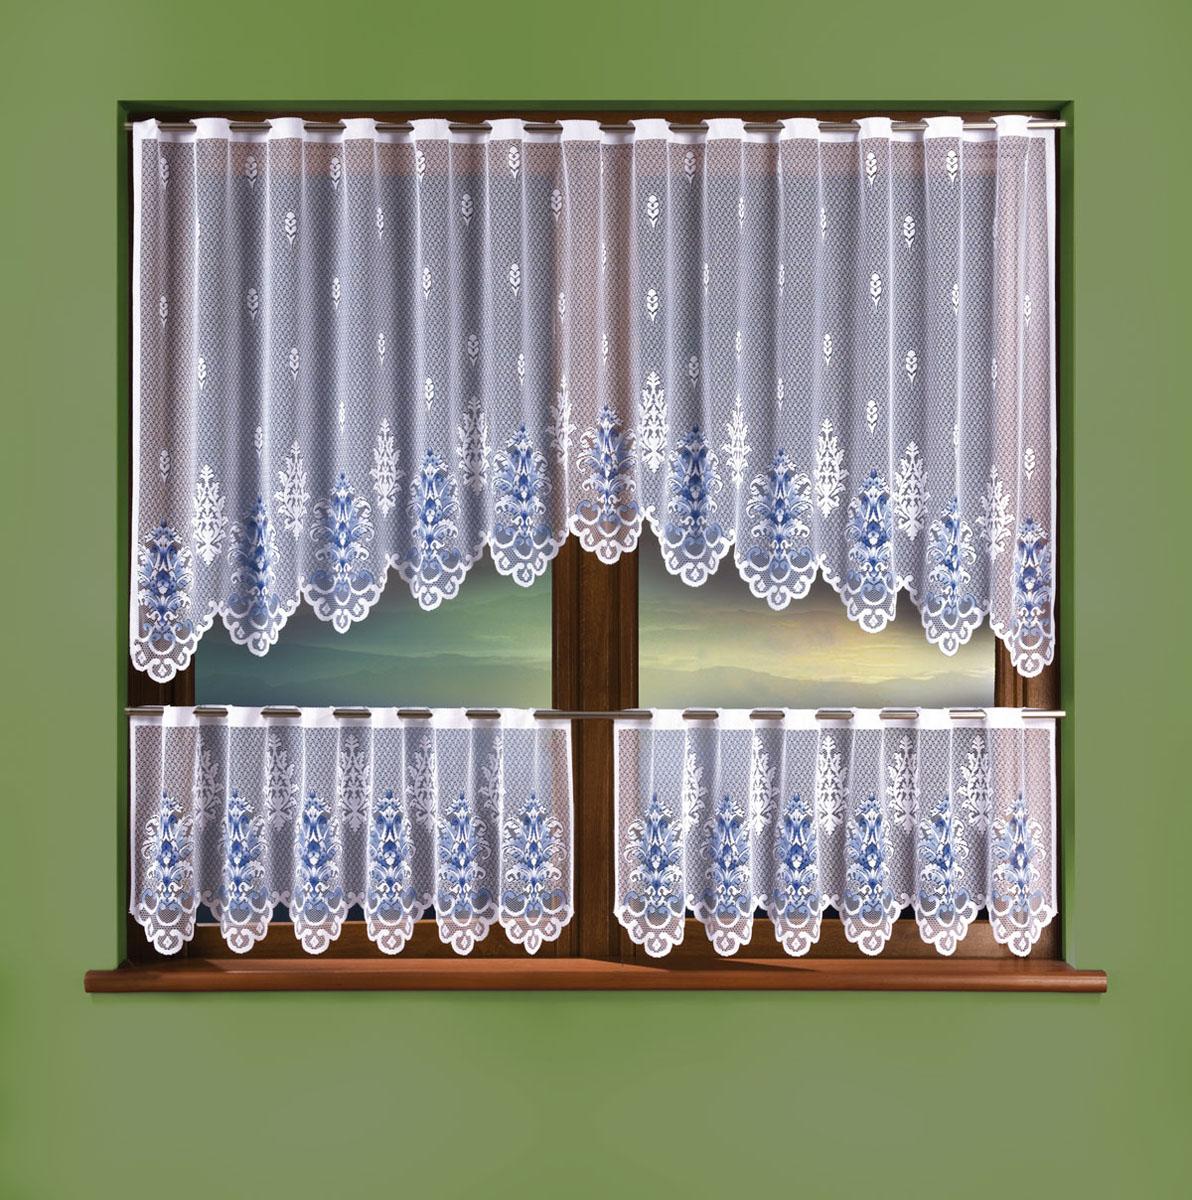 Комплект штор для кухни Wisan, высота 50 см комплект штор wisan цвет коричневый высота 250 см 030w